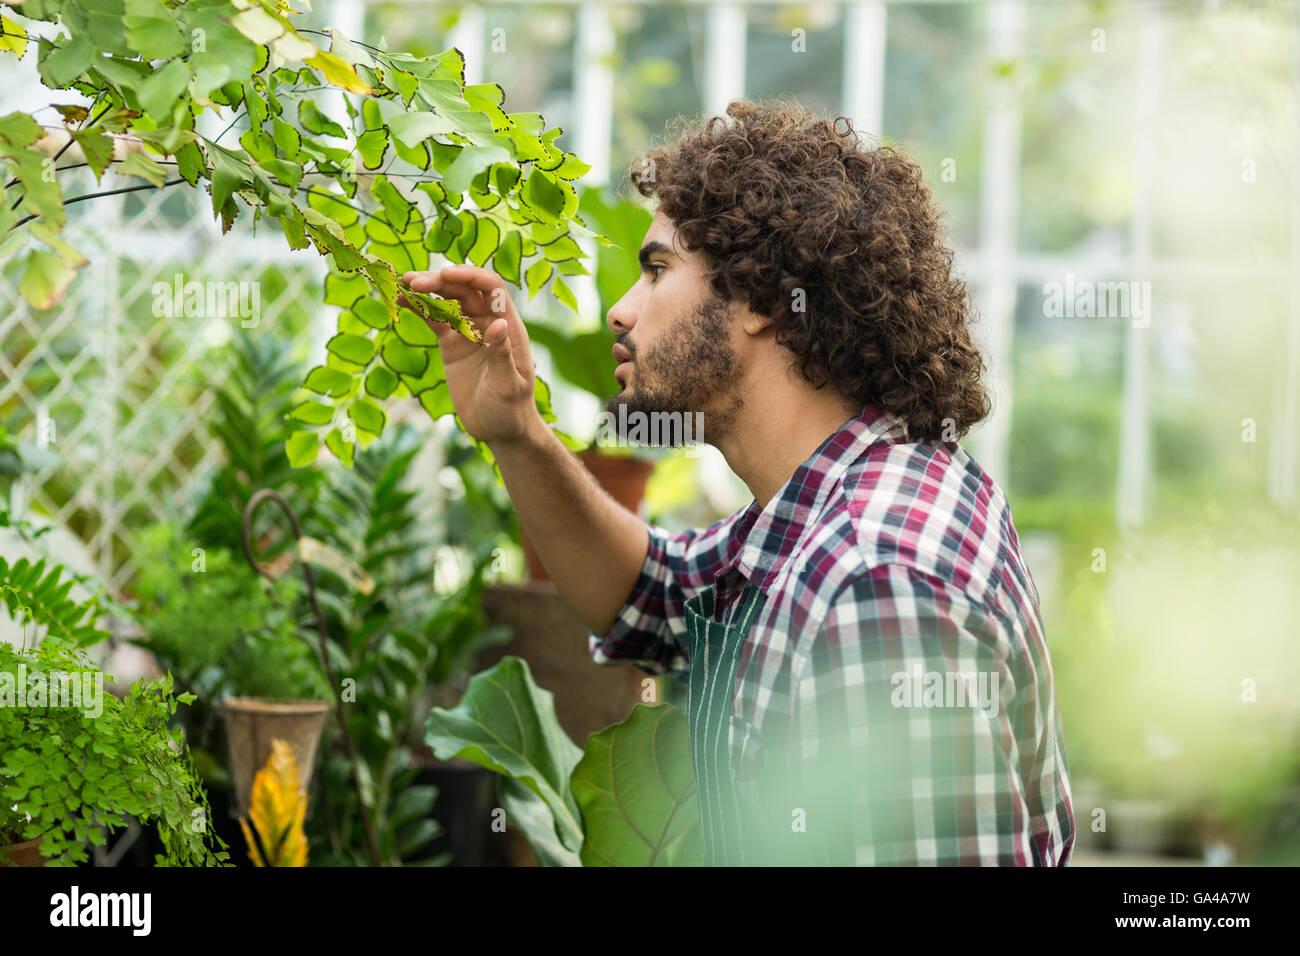 L'inspection des plants au jardinier mâle émissions Photo Stock